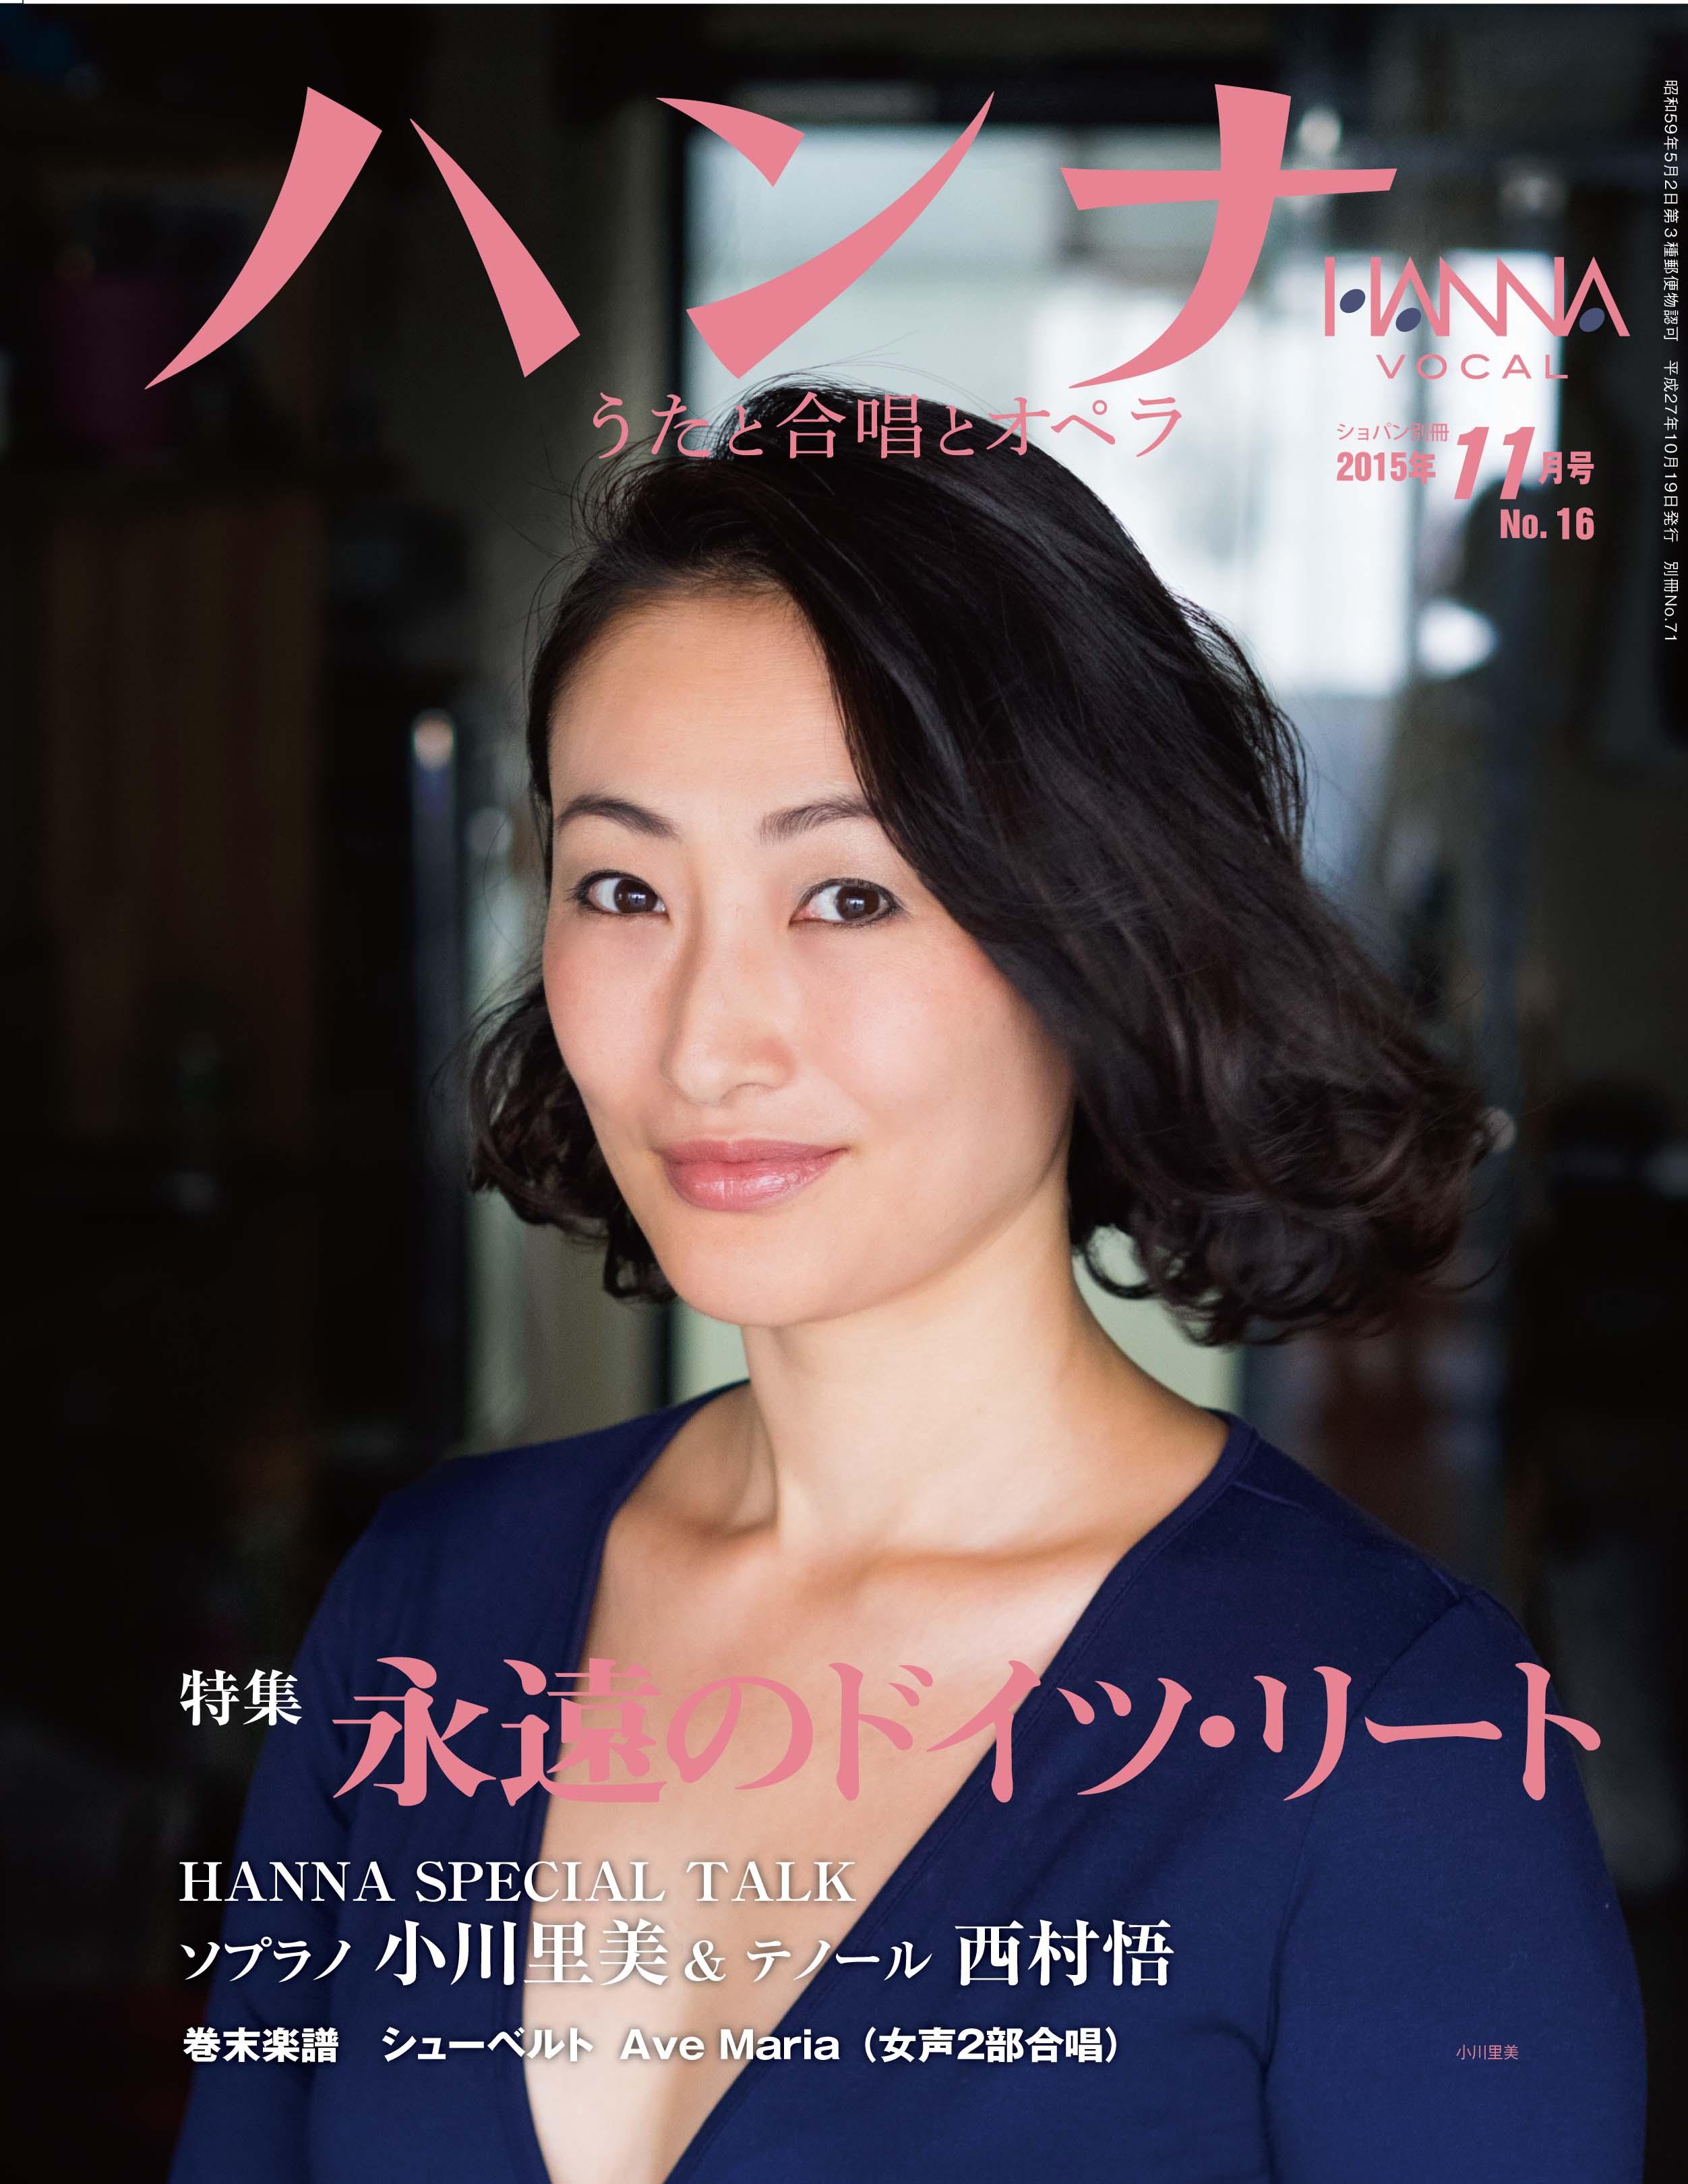 ハンナ2015年11月号 No.16